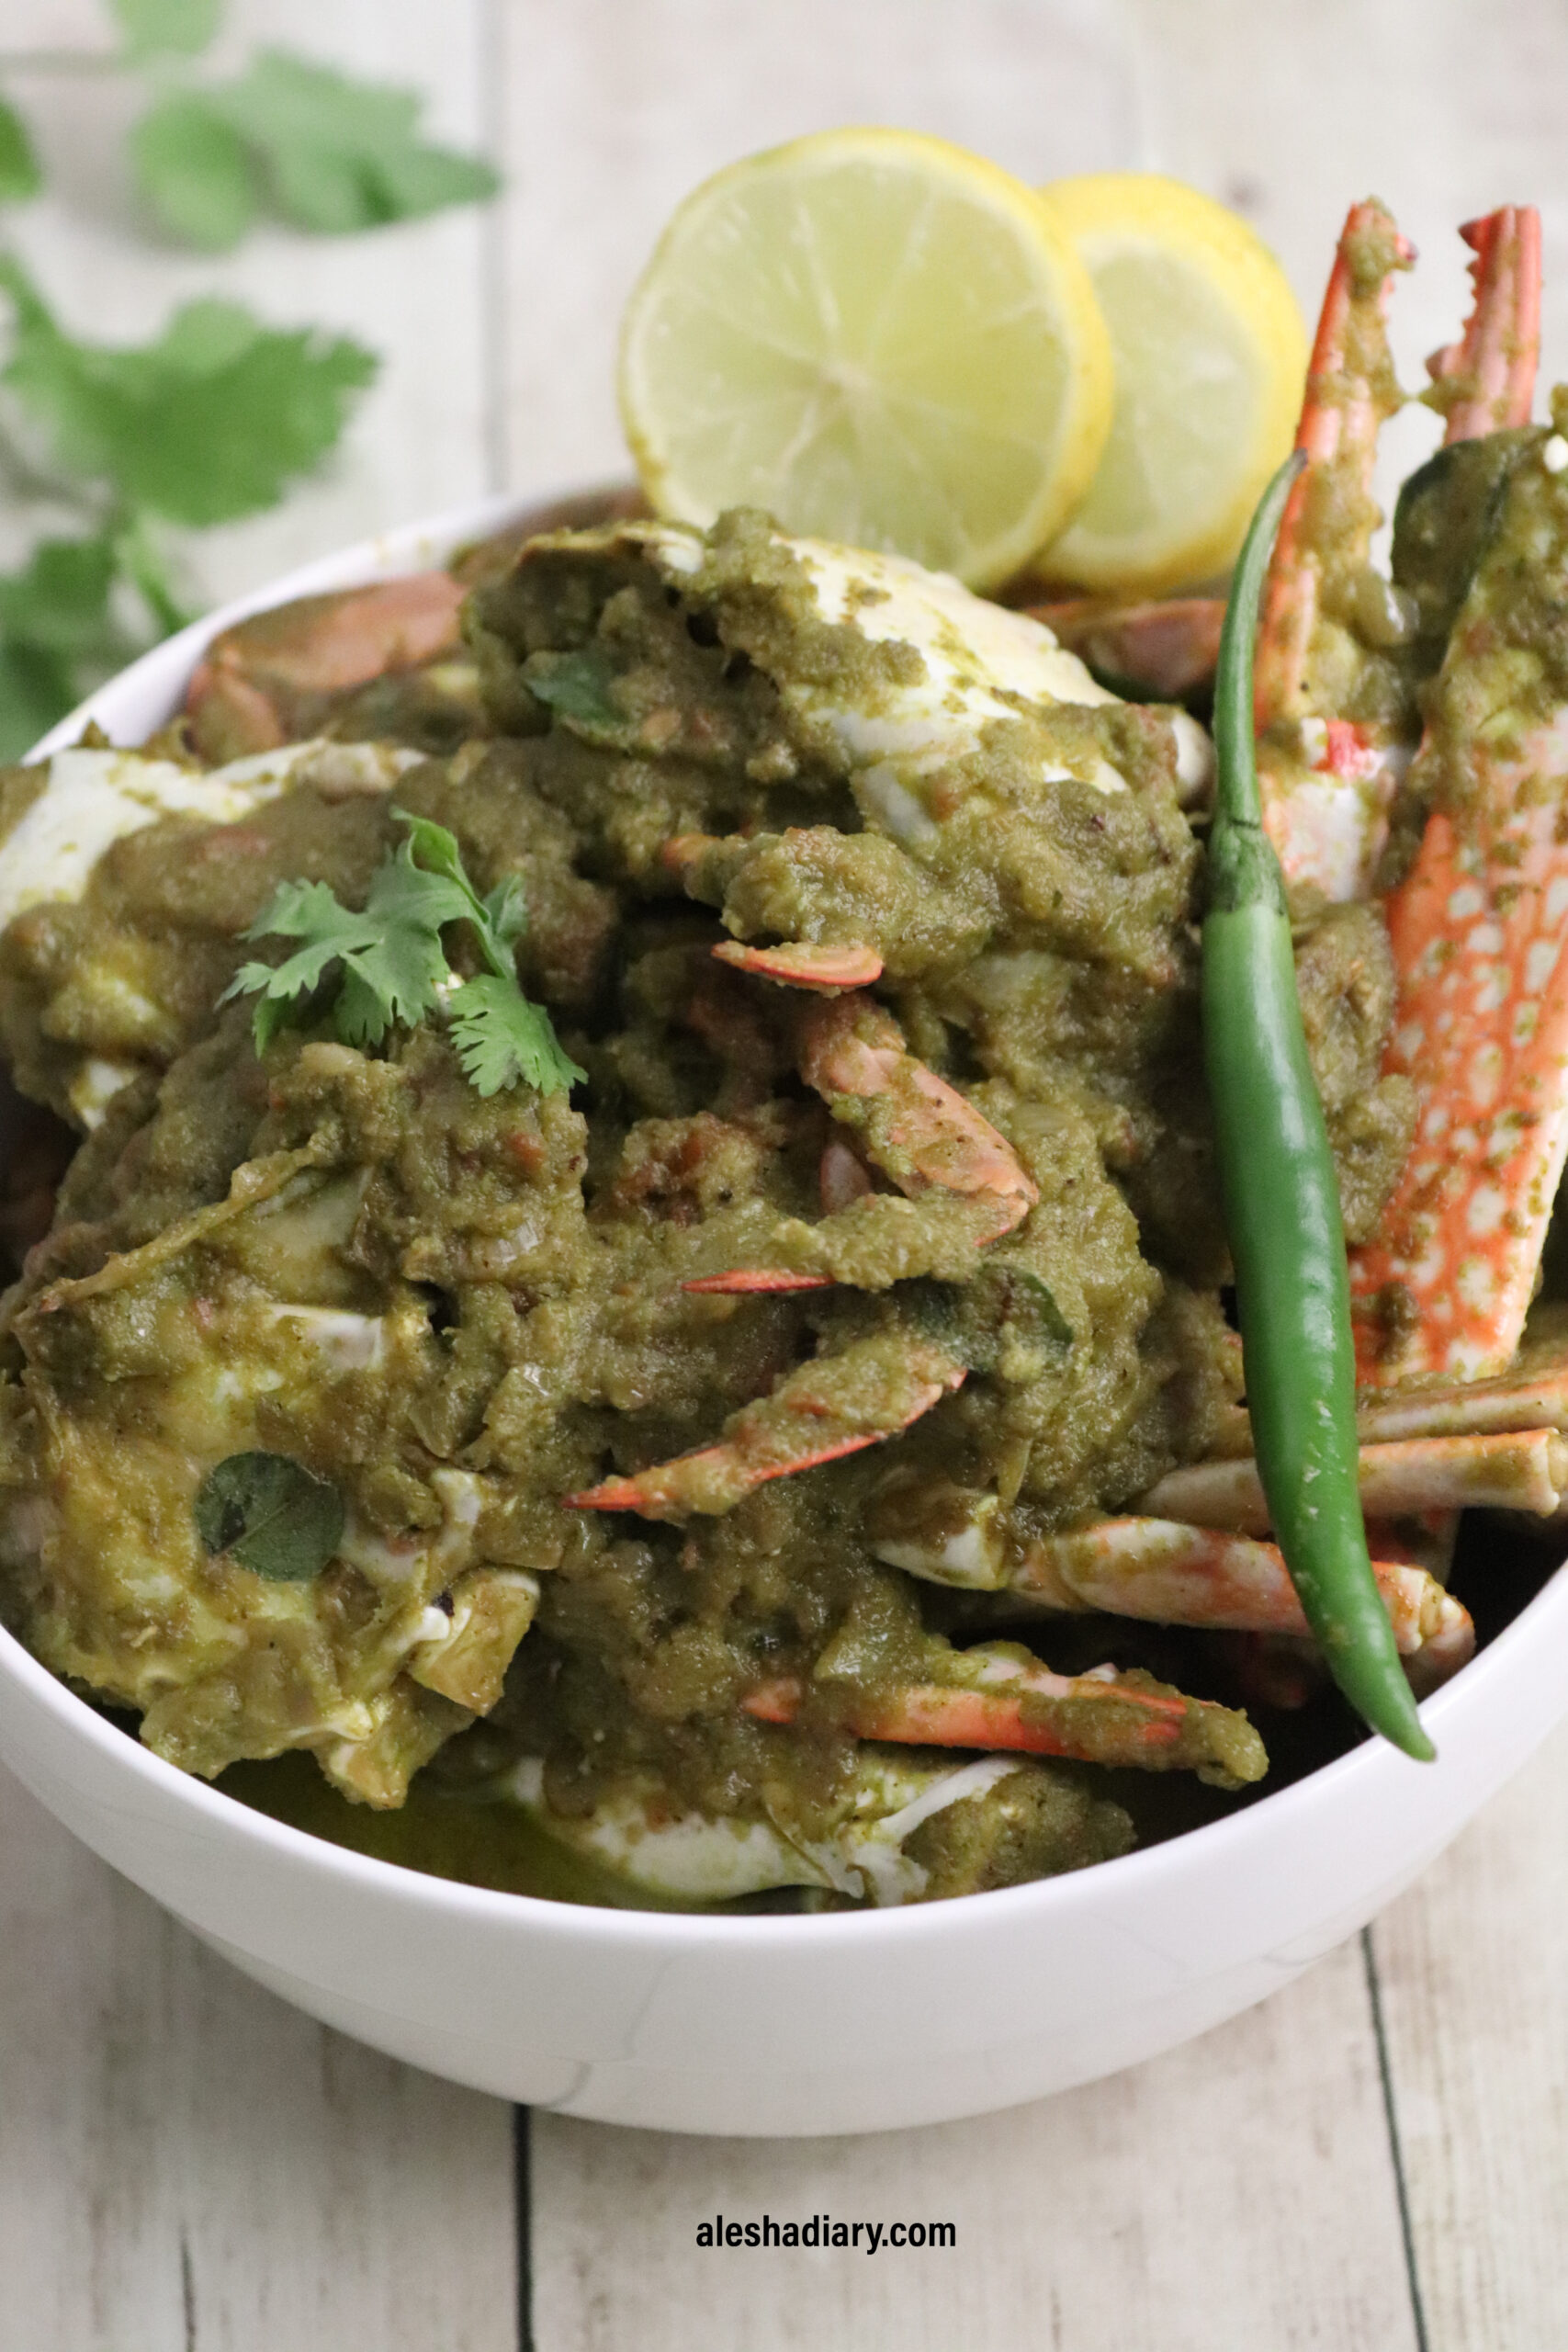 Crab Green masala